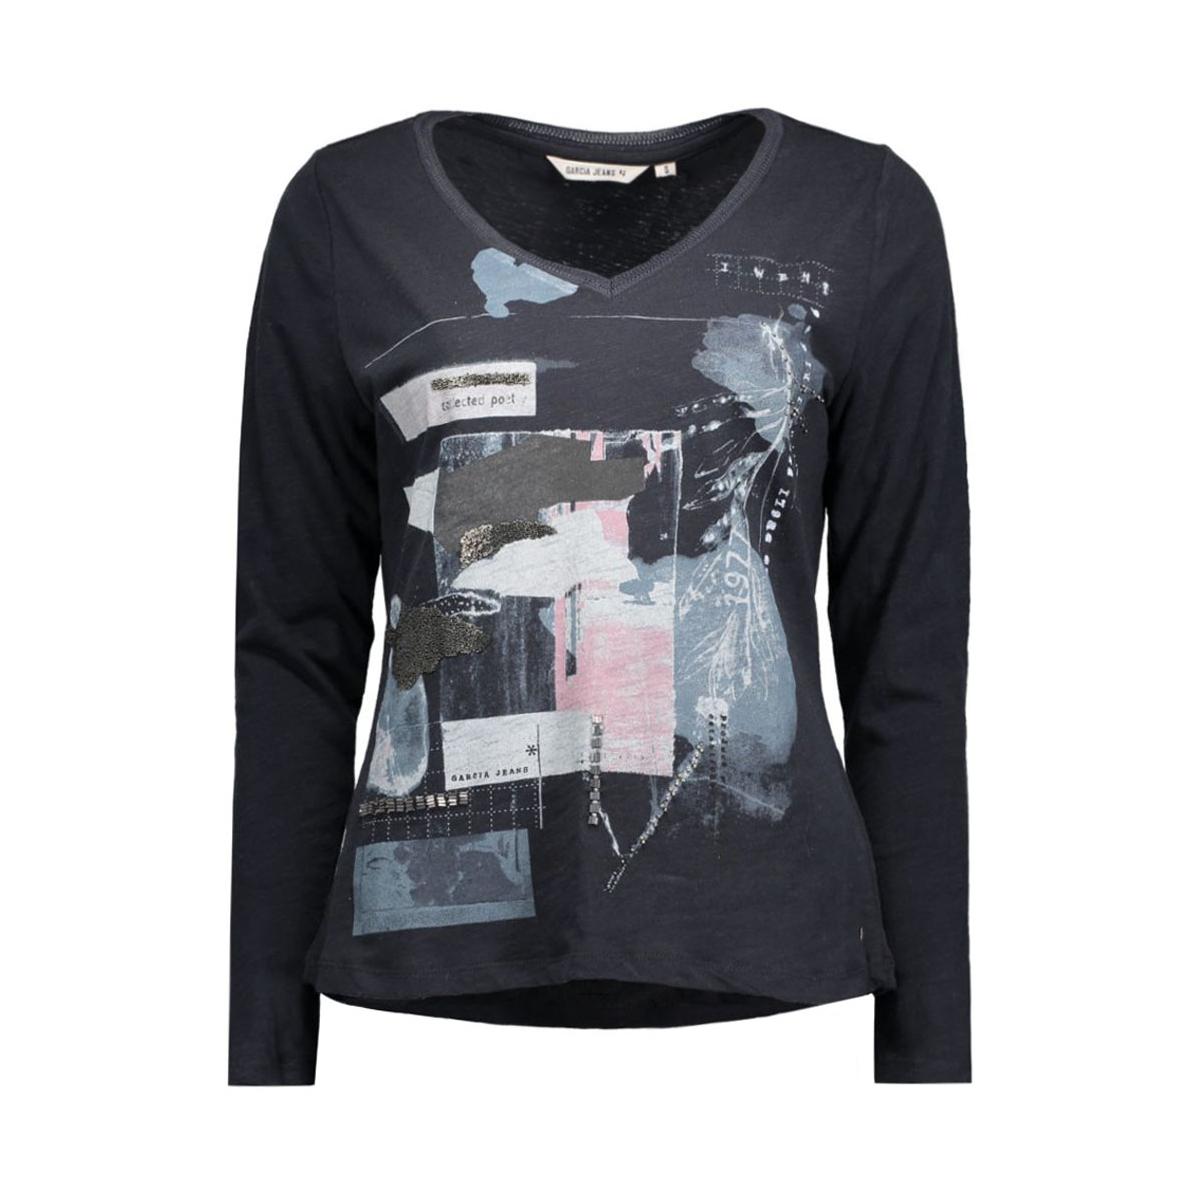 t60217 garcia t-shirt 20 dark navy